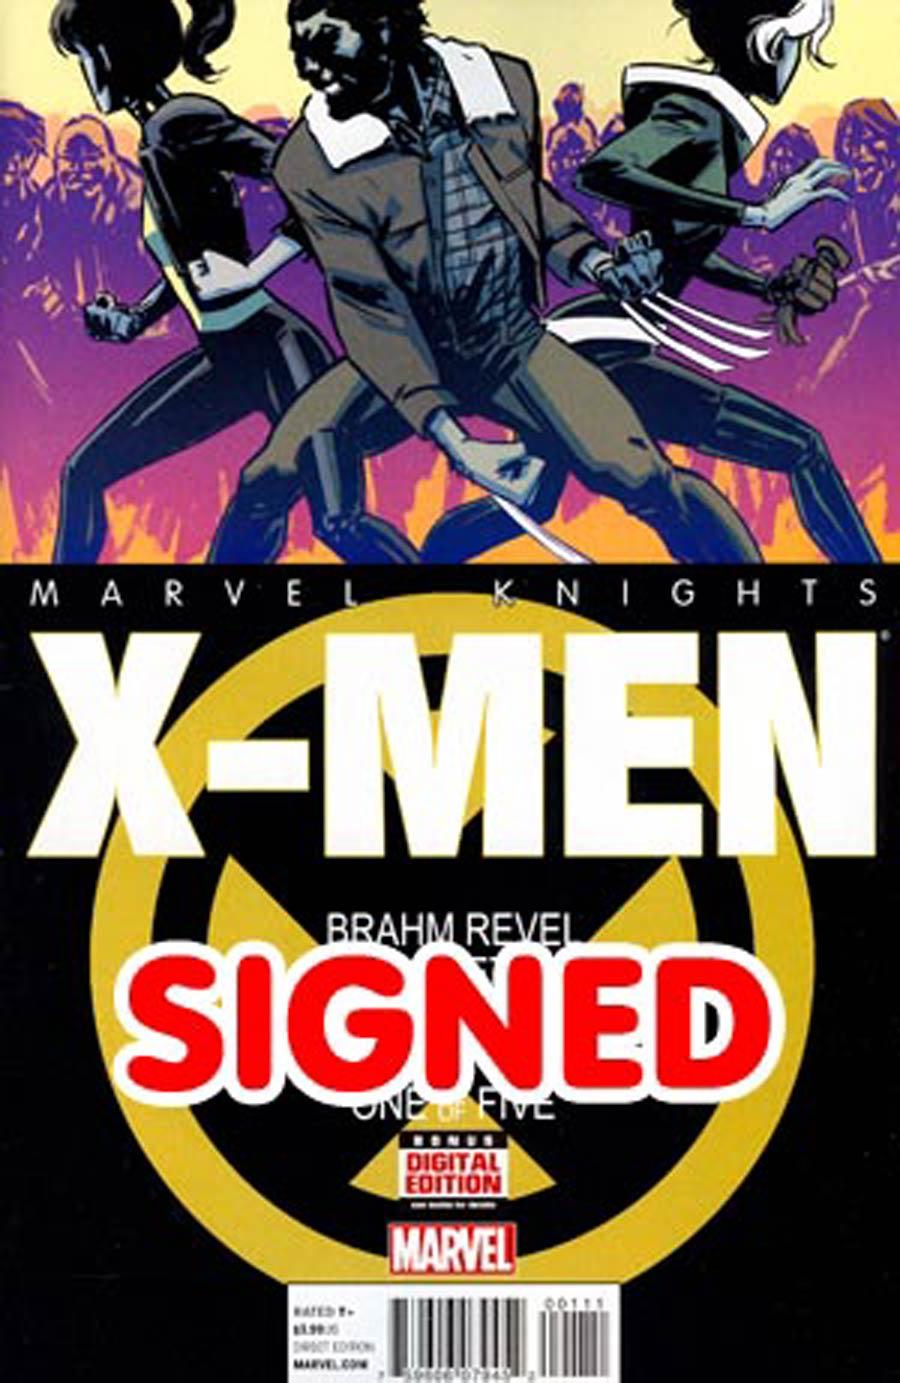 Marvel Knights X-Men #1 Cover D Regular Brahm Revel Cover Signed By Brahm Revel